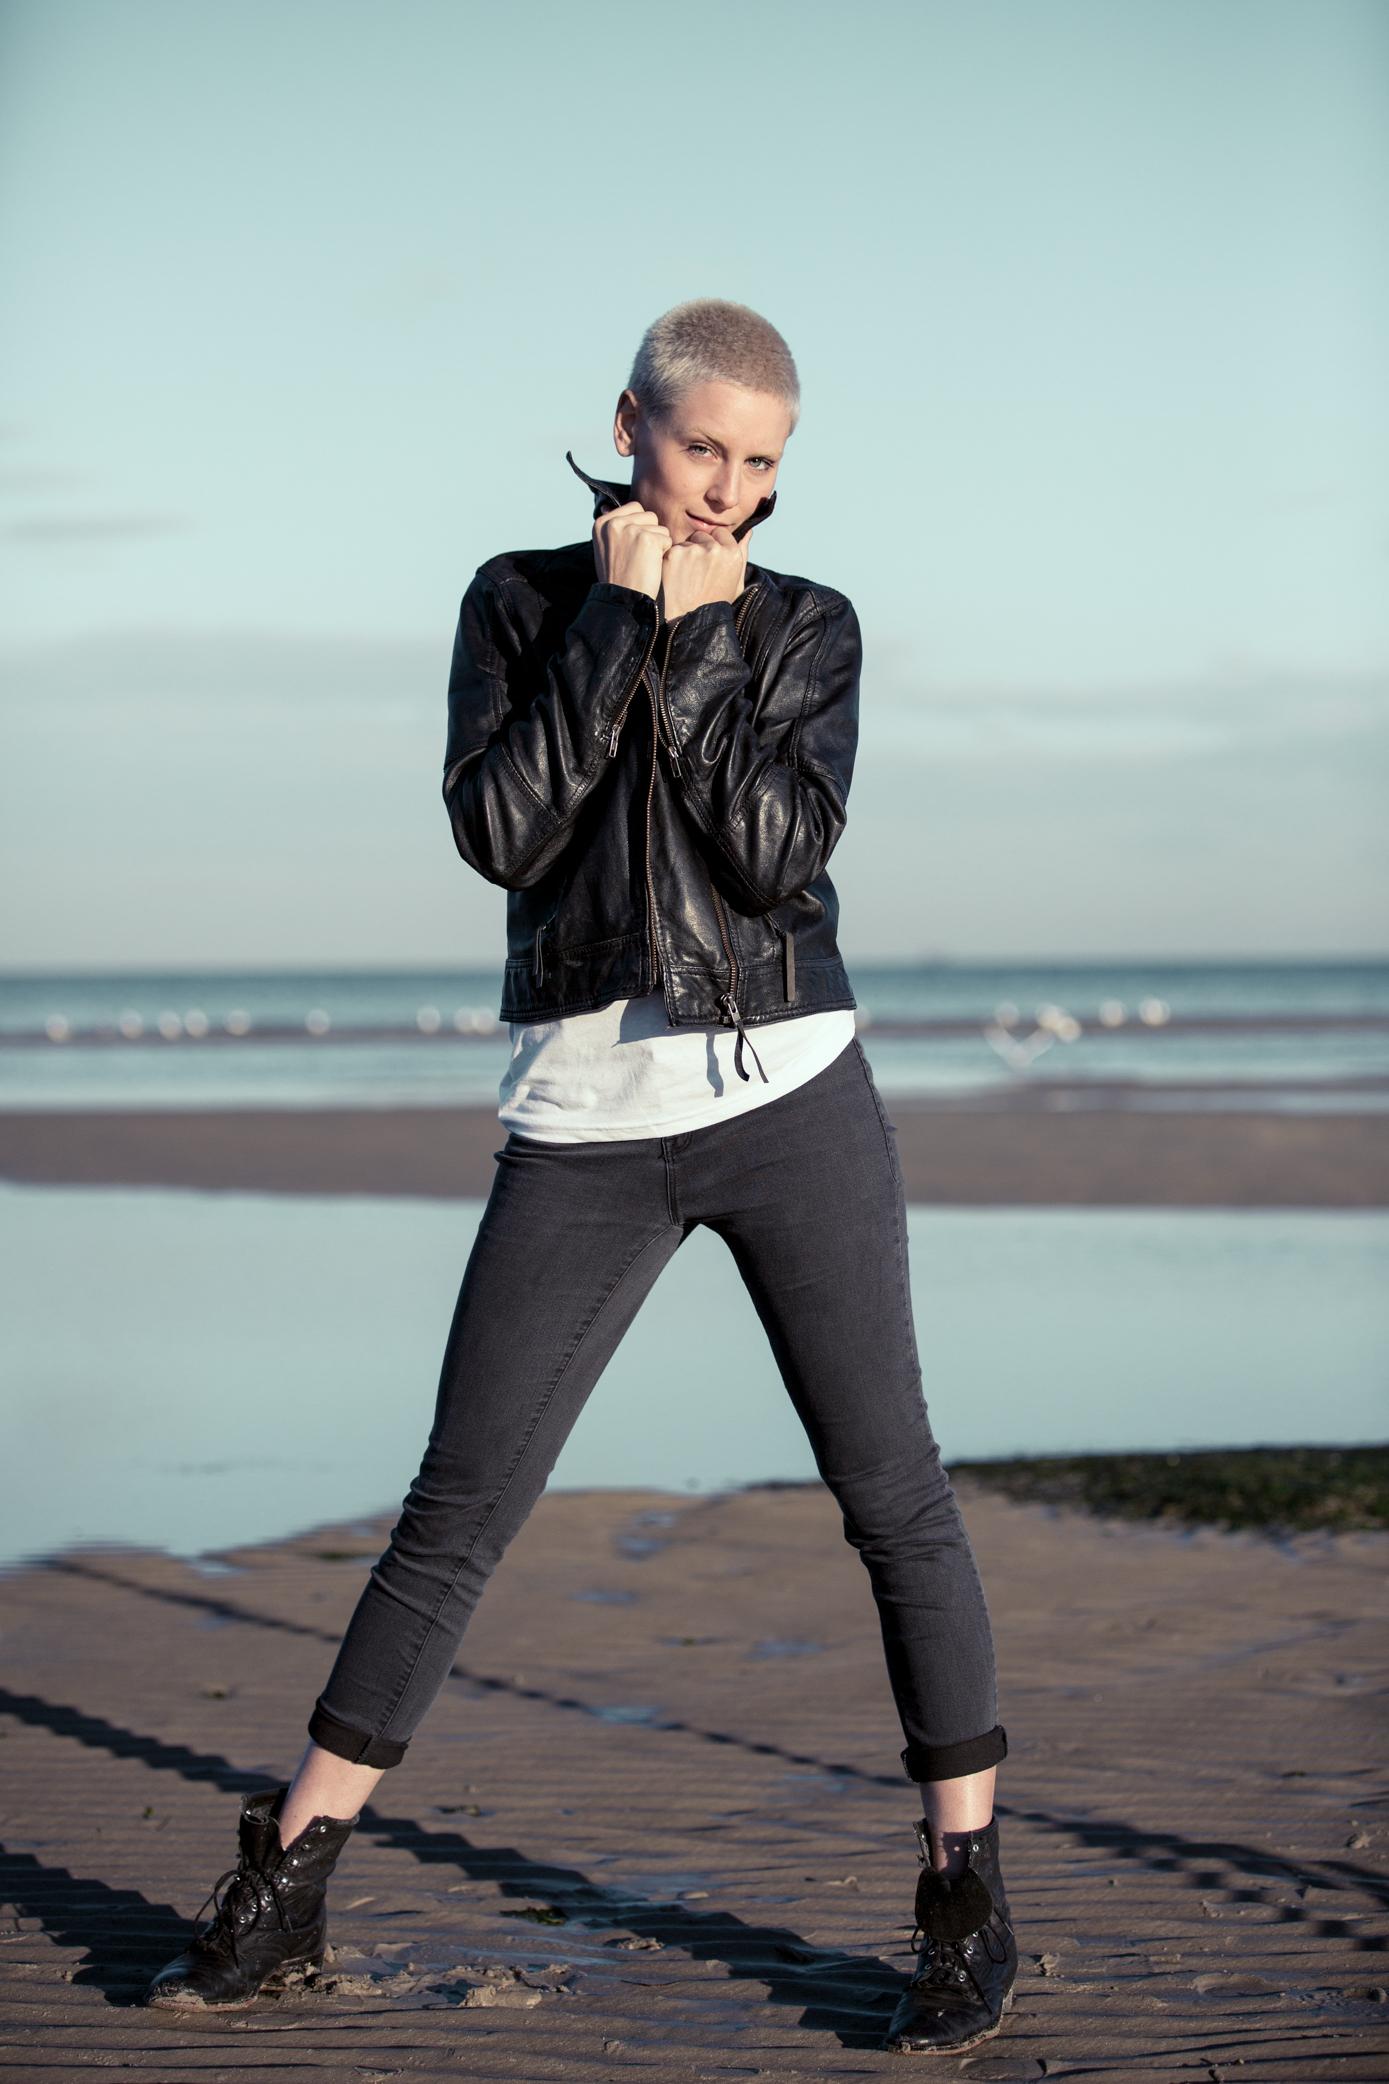 Natalia bennett - model